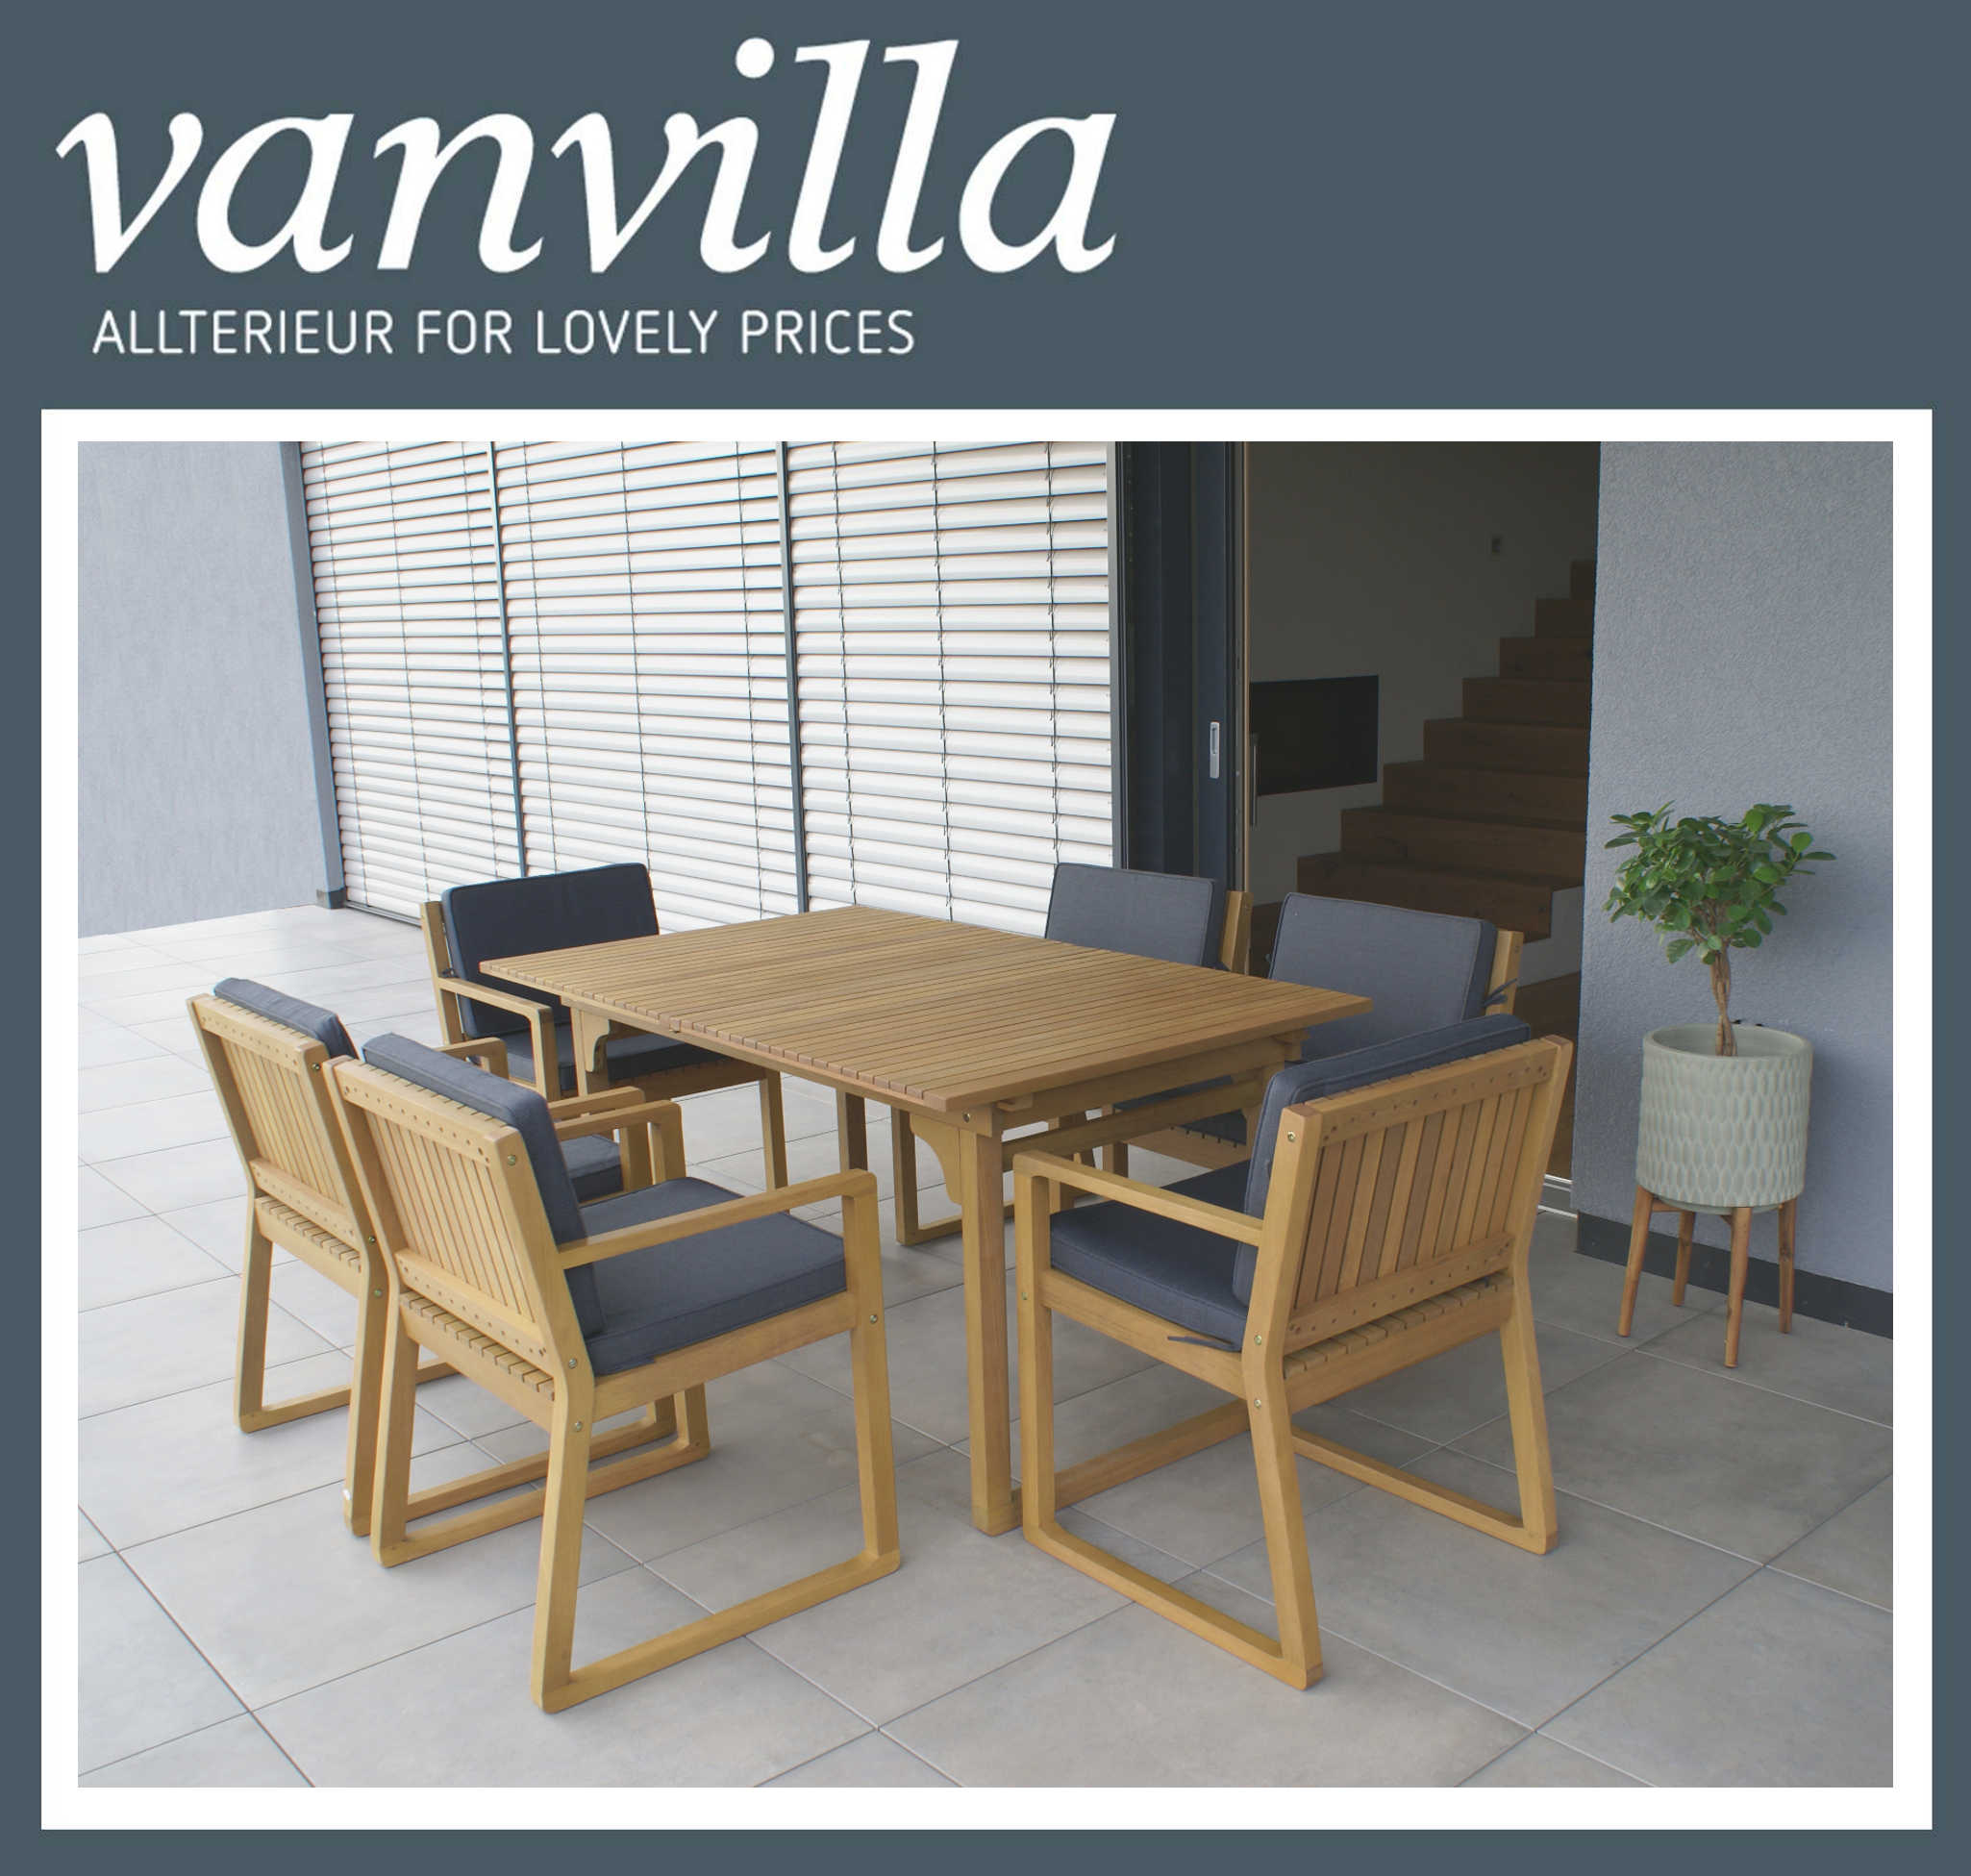 vanvilla gartenm bel set holz 1 tisch 6 sessel set4 auflage grau. Black Bedroom Furniture Sets. Home Design Ideas